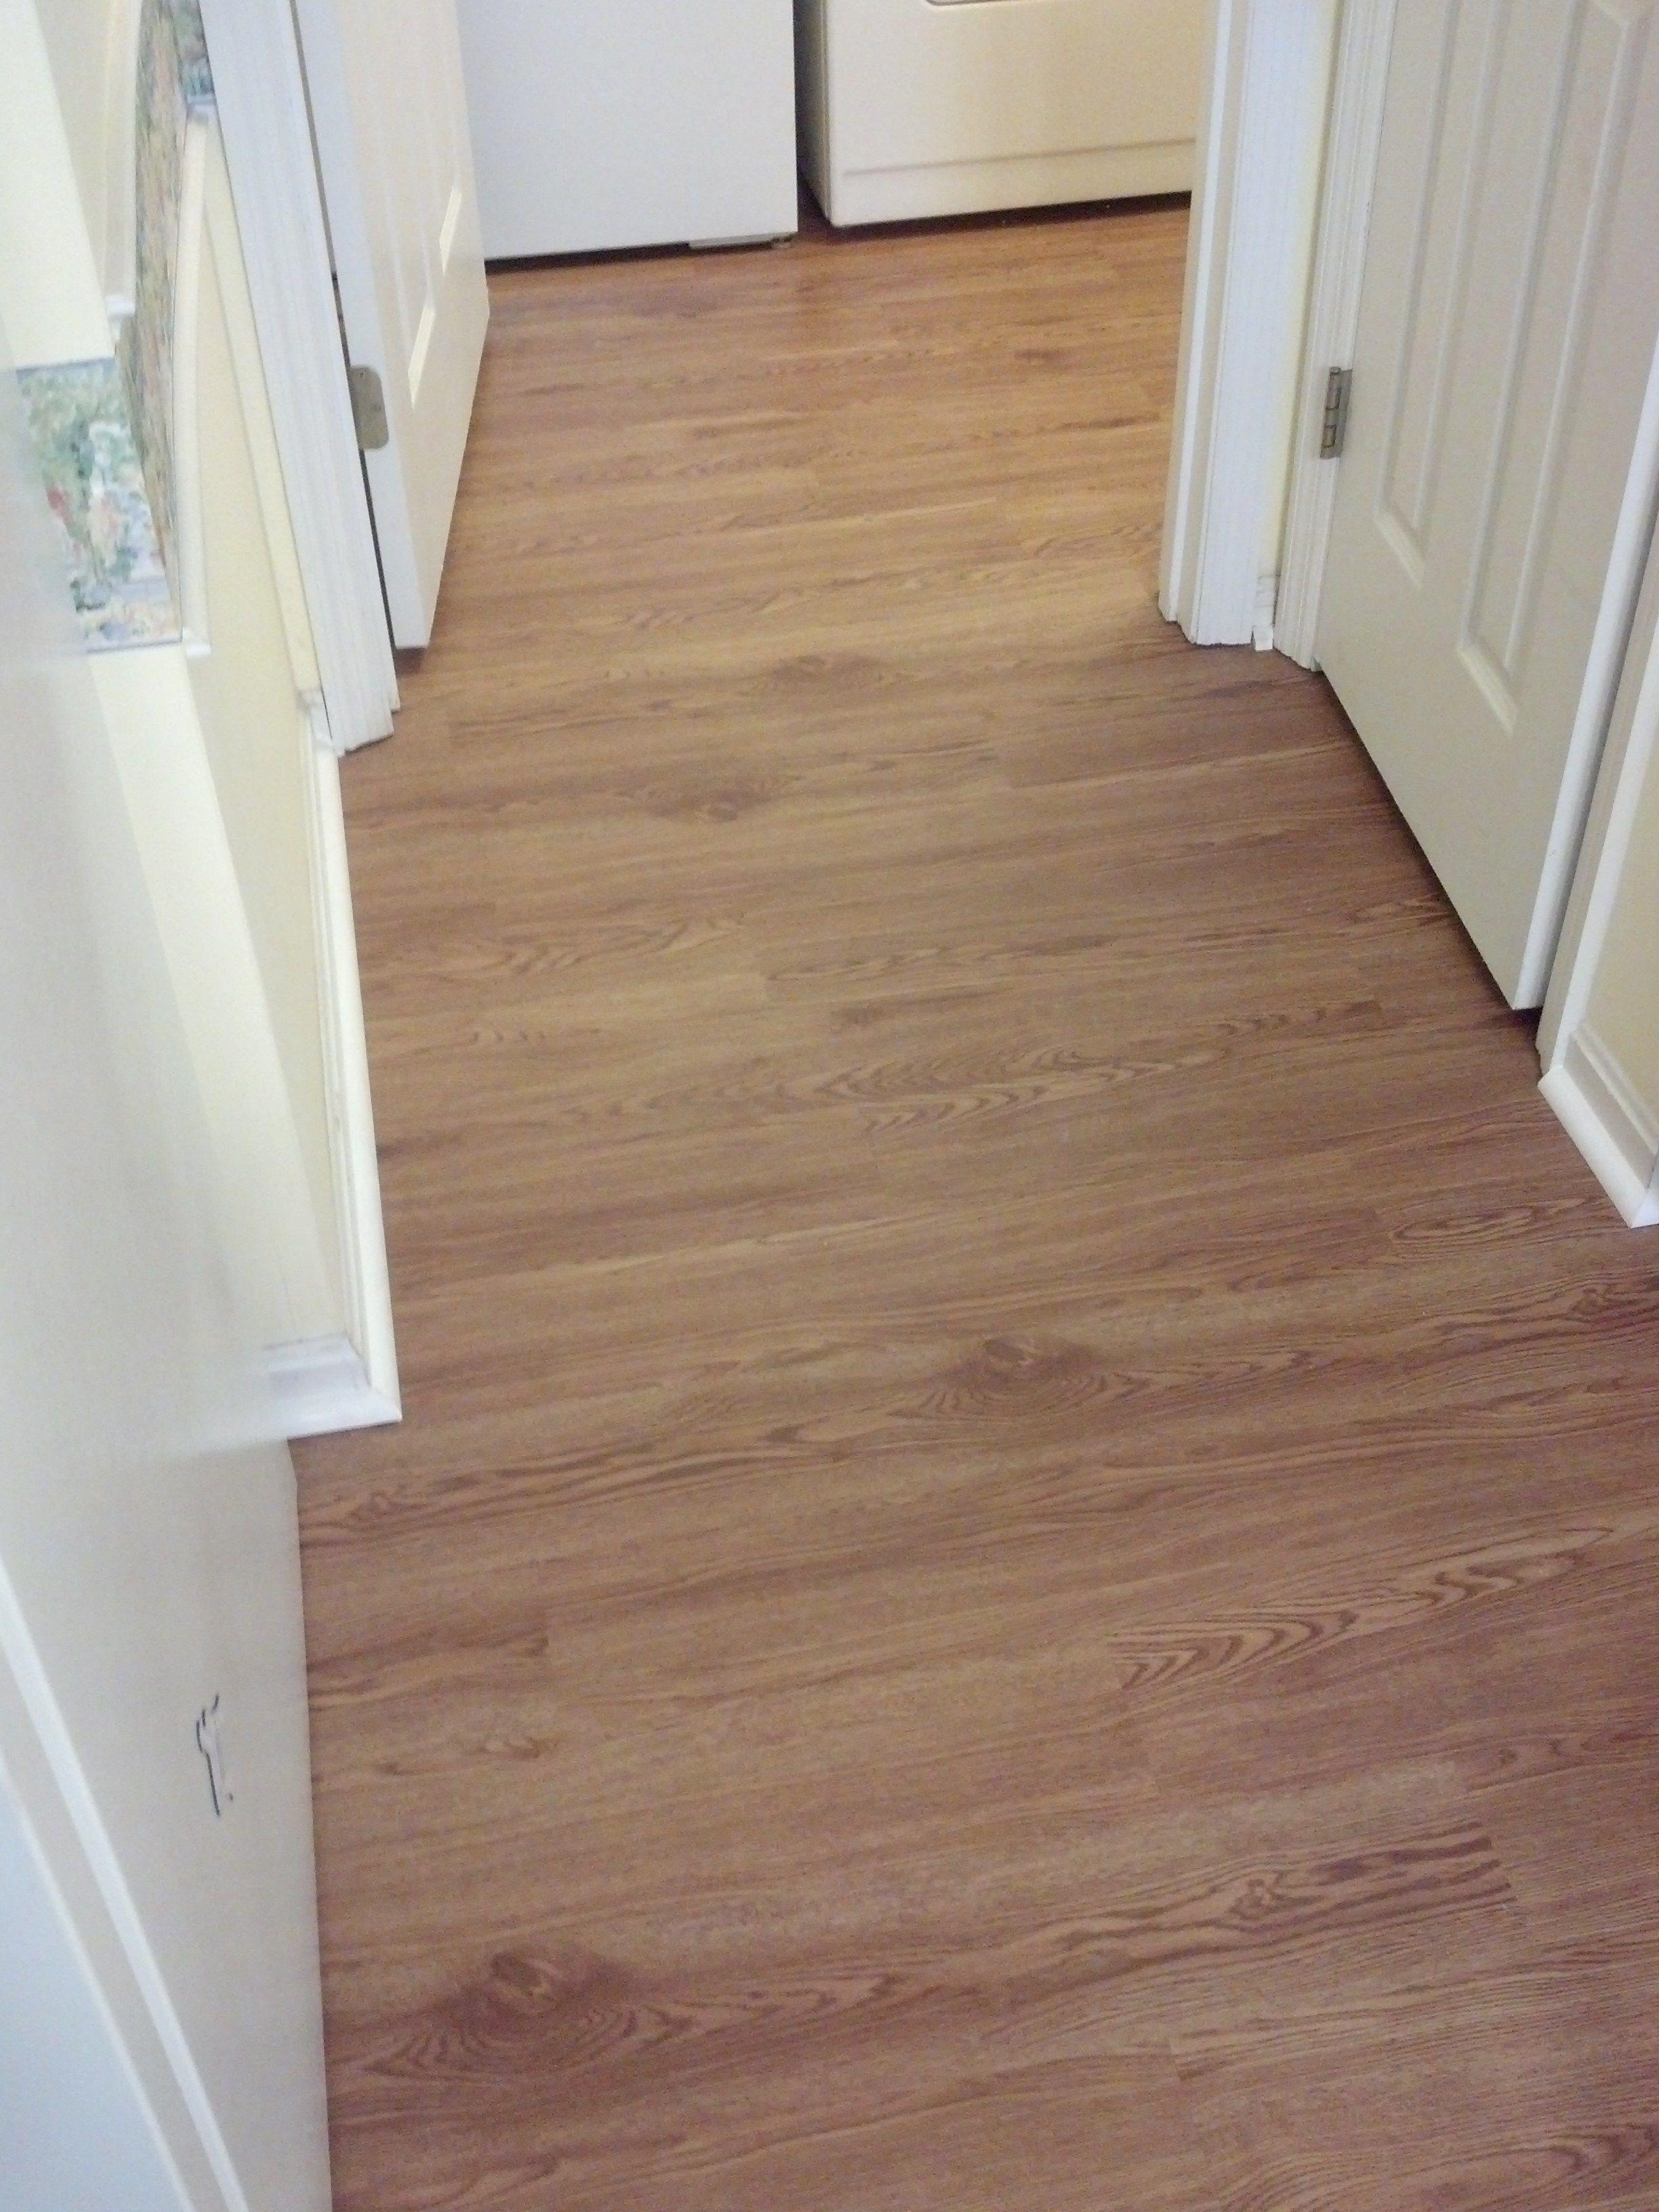 vinyl hardwood flooring vs laminate of luxury vinyl plank flooring made by earthwerks and sold and with luxury vinyl plank flooring made by earthwerks and sold and installed by http